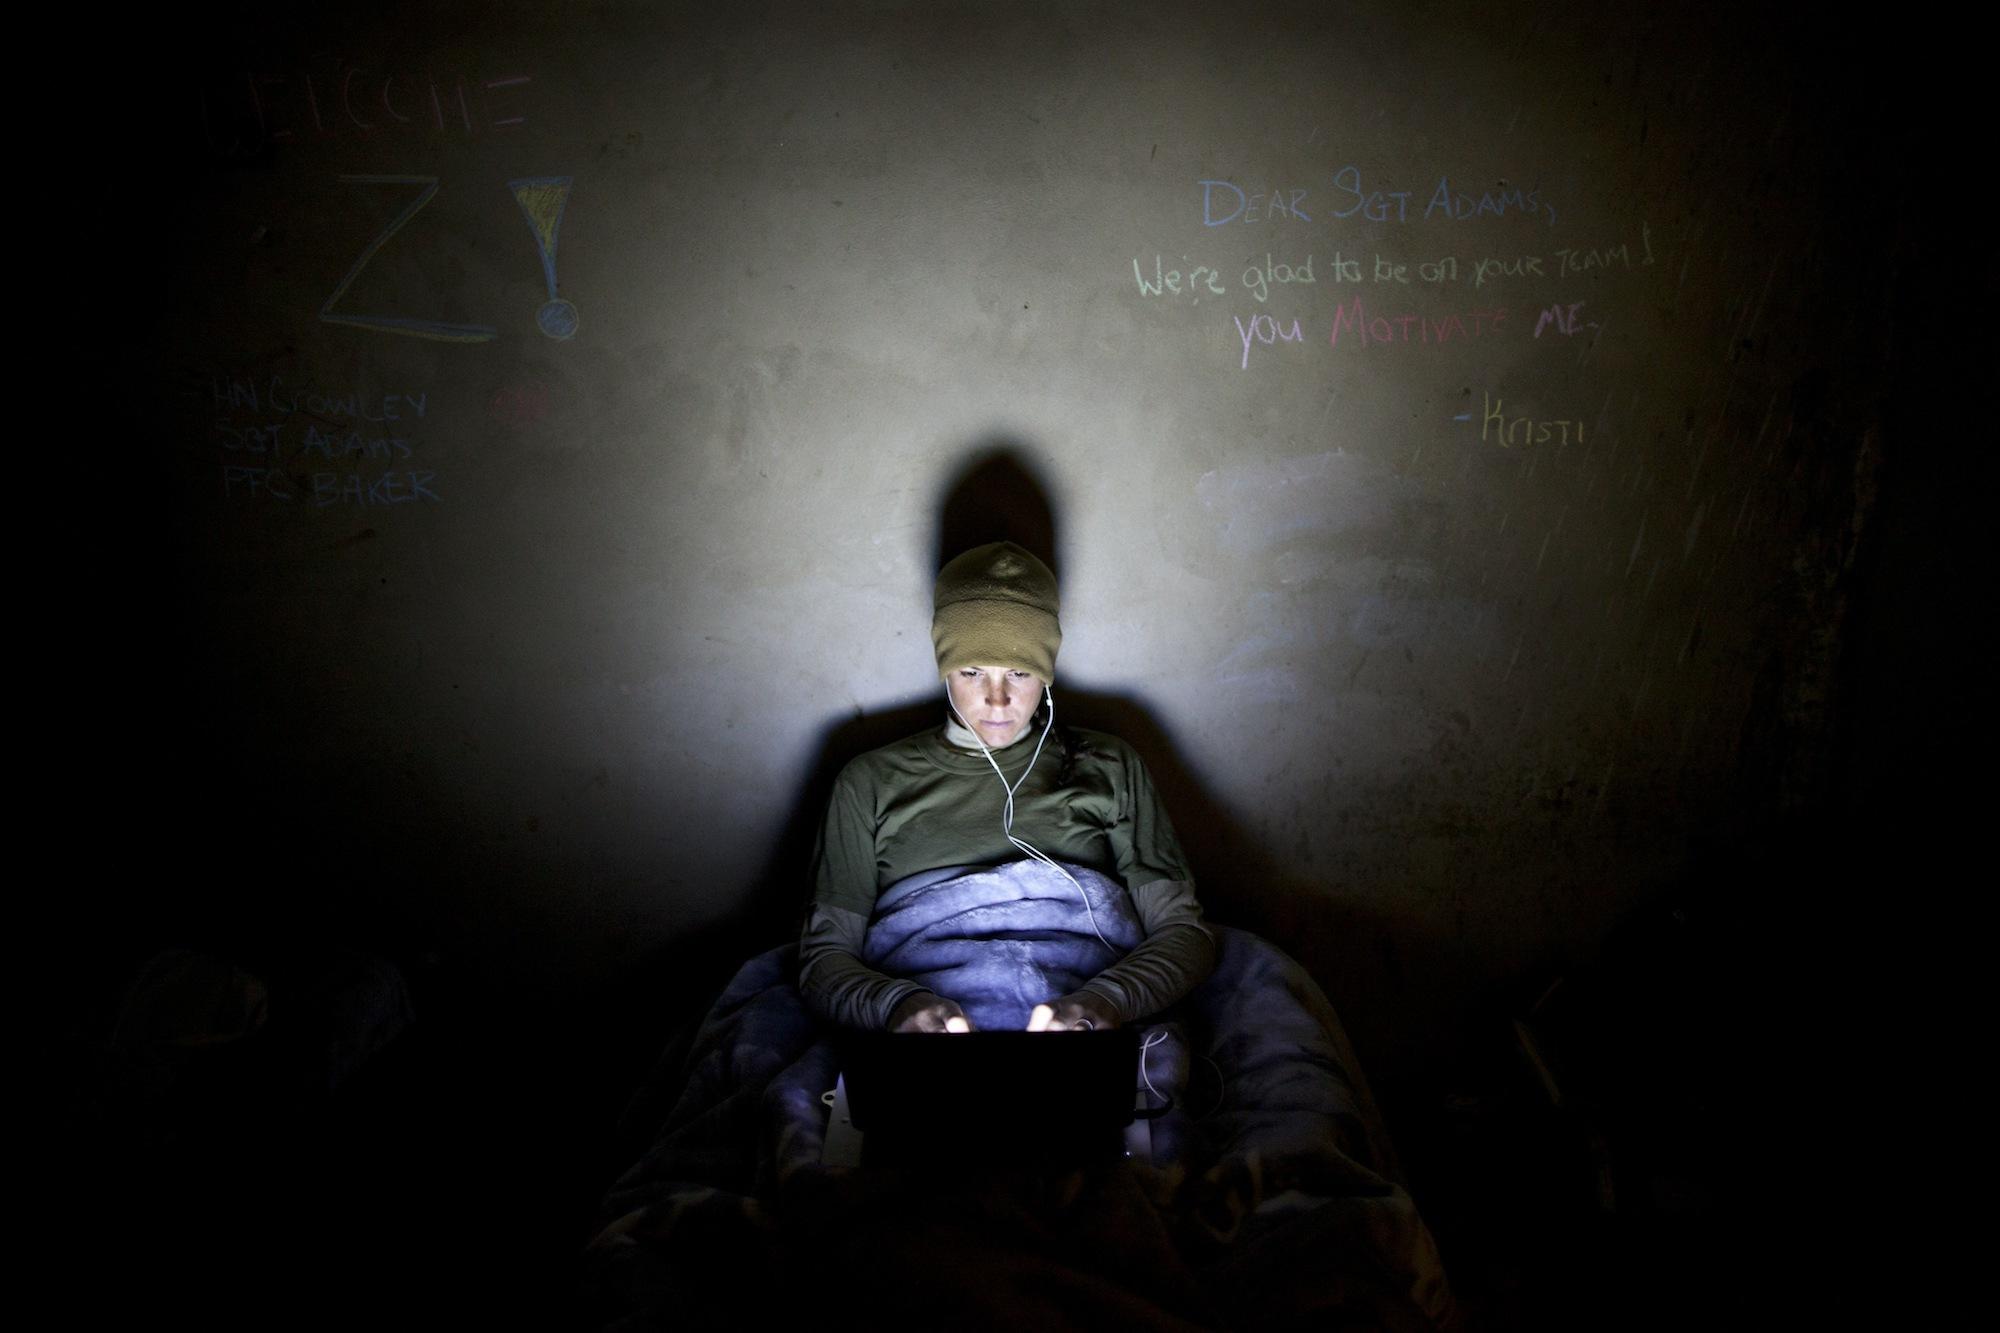 Chi modera contenuti online rischia malattie da stress post traumatico